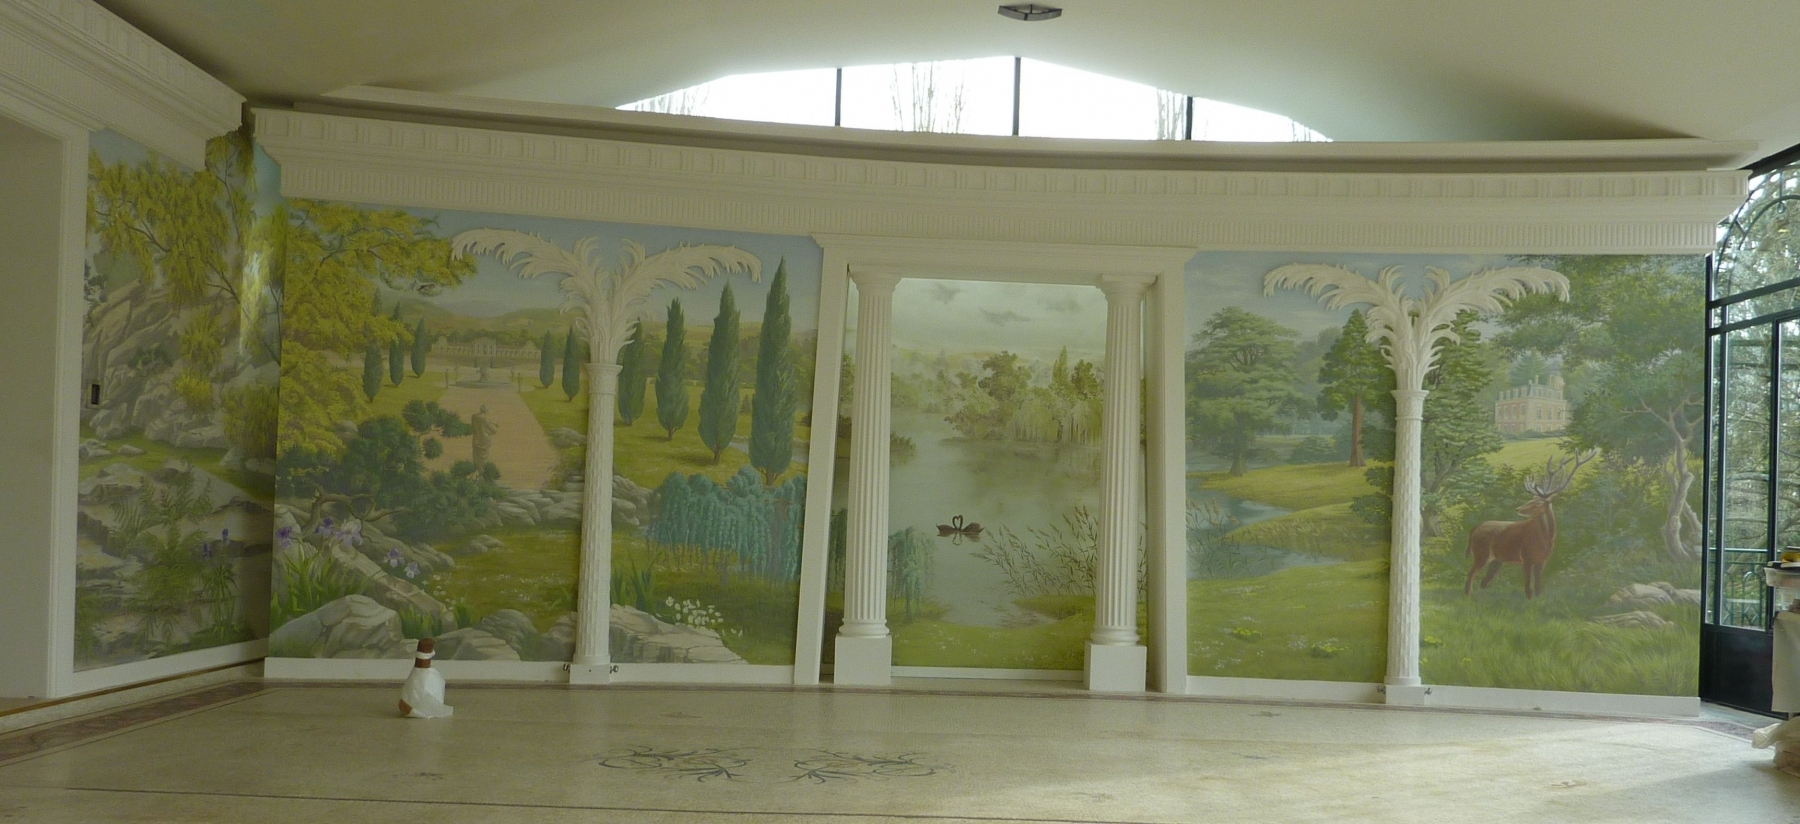 Décor Piscine particulier- fresque en trompe l'oeil.